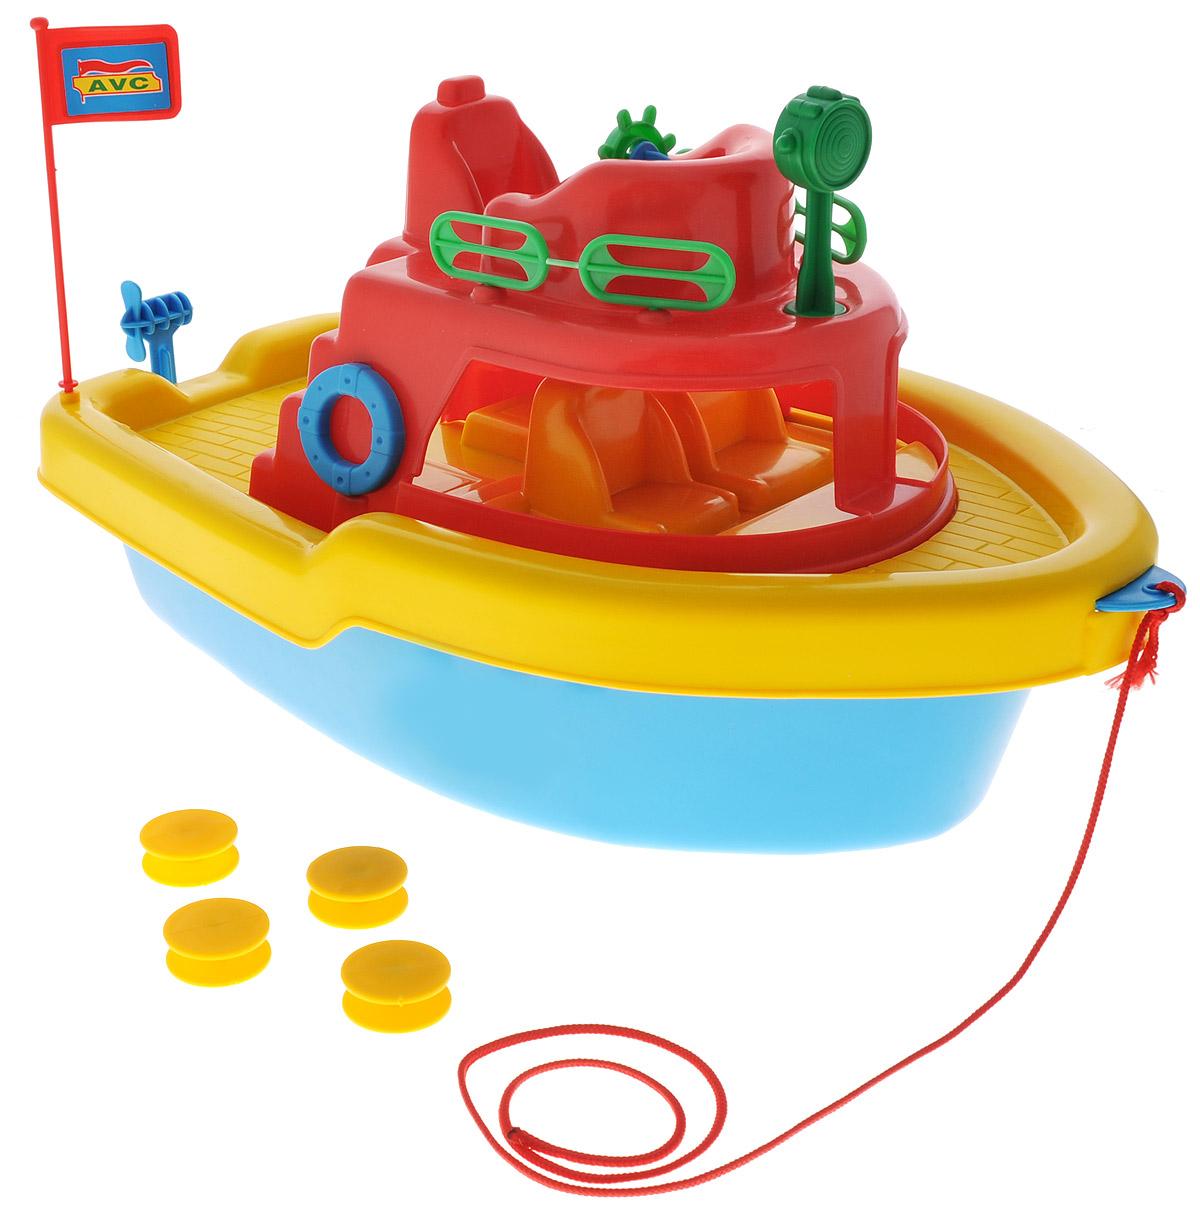 AVC Игрушка Корабль цвет красный желтый синий01/5051_красный, желтый, синийИгрушка AVC Корабль отлично подойдет ребенку для различных игр. Это игрушка предназначена для самых маленьких - в конструкции отсутствуют острые элементы, способные травмировать малыша. В то же время игрушка имеет достаточно большой размер, крупные детали и элементы, с которыми ребёнку удобно и интересно играть. У данной игрушки устроено все, как у настоящего корабля: каюты с сидениями, палубы, штурвал, капитанский мостик, флажок, якорь на длинном шнуре. Можно взяться за веревочку и, словно сказочный гигант, вести судно за собой по океану. Игрушка прекрасно держится на воде. С ней можно играть даже на суше, под днищем модели расположены 4 пластиковых колеса, которые превосходно крутятся. Винт мотора на корме и штурвал вращаются. Корабль сделан из прочного пластика, который безвреден для ребенка. С такой игрушкой юный мореплаватель сможет прекрасно провести время дома или на улице.